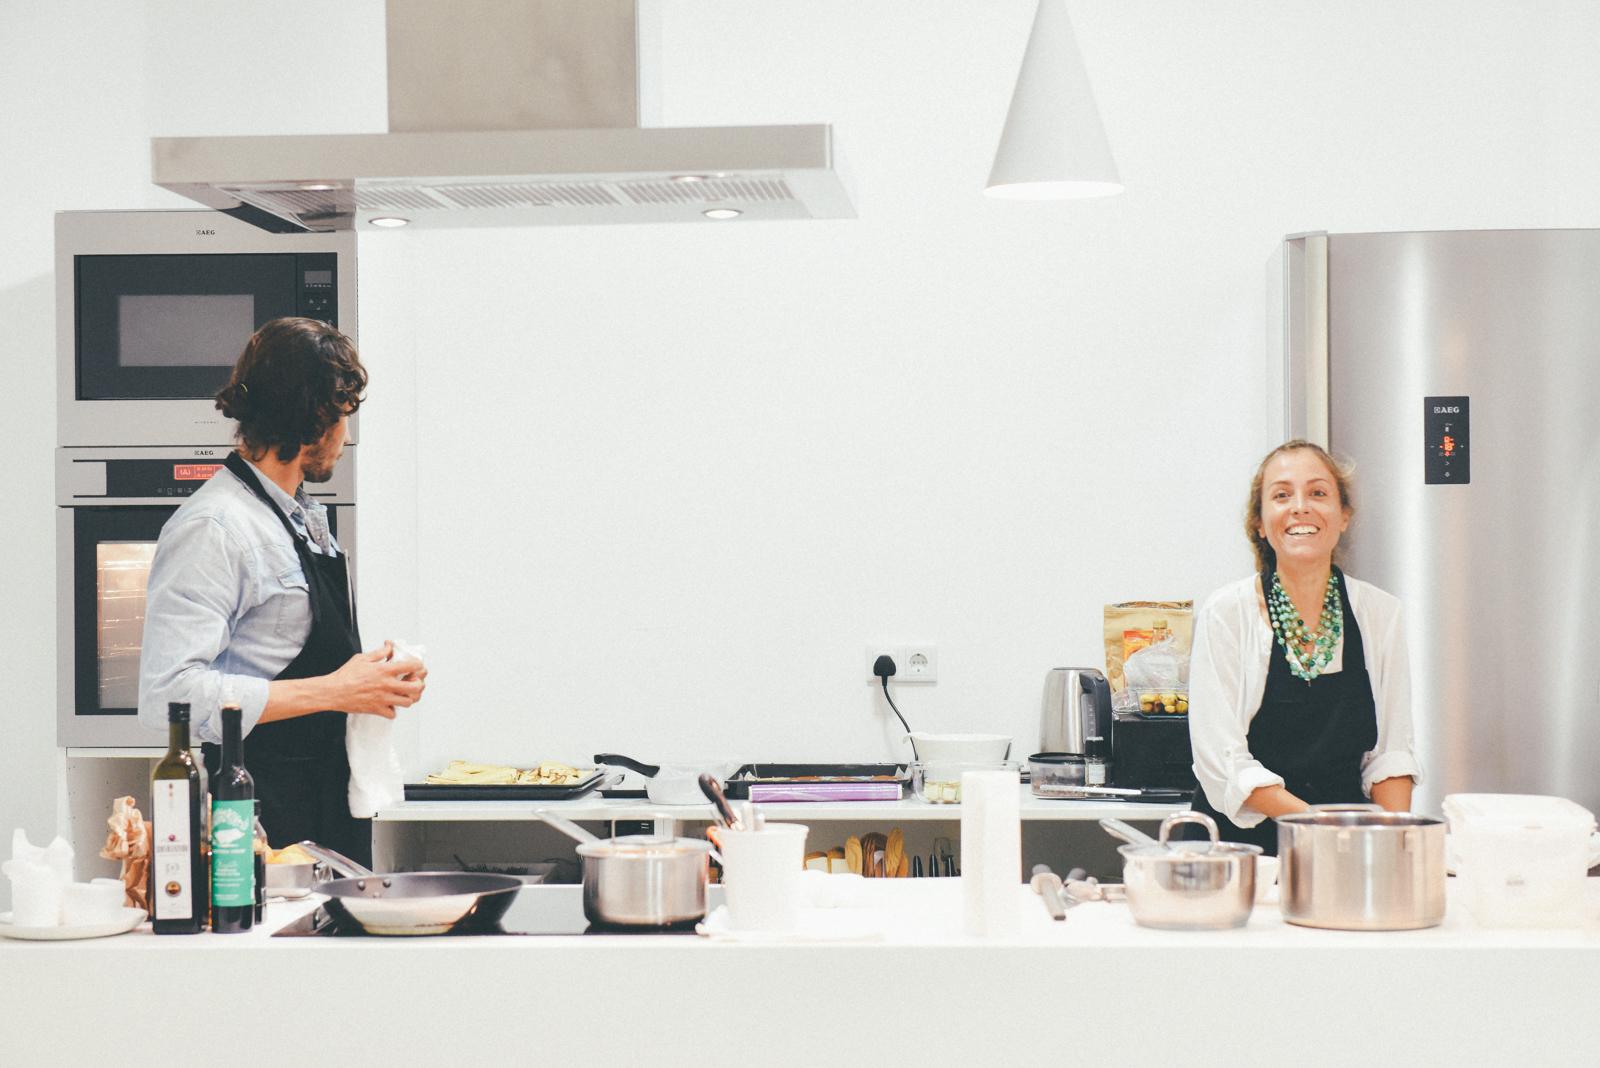 BOTANICAL SPRING - POP-UP DINNER, APRIL 2018